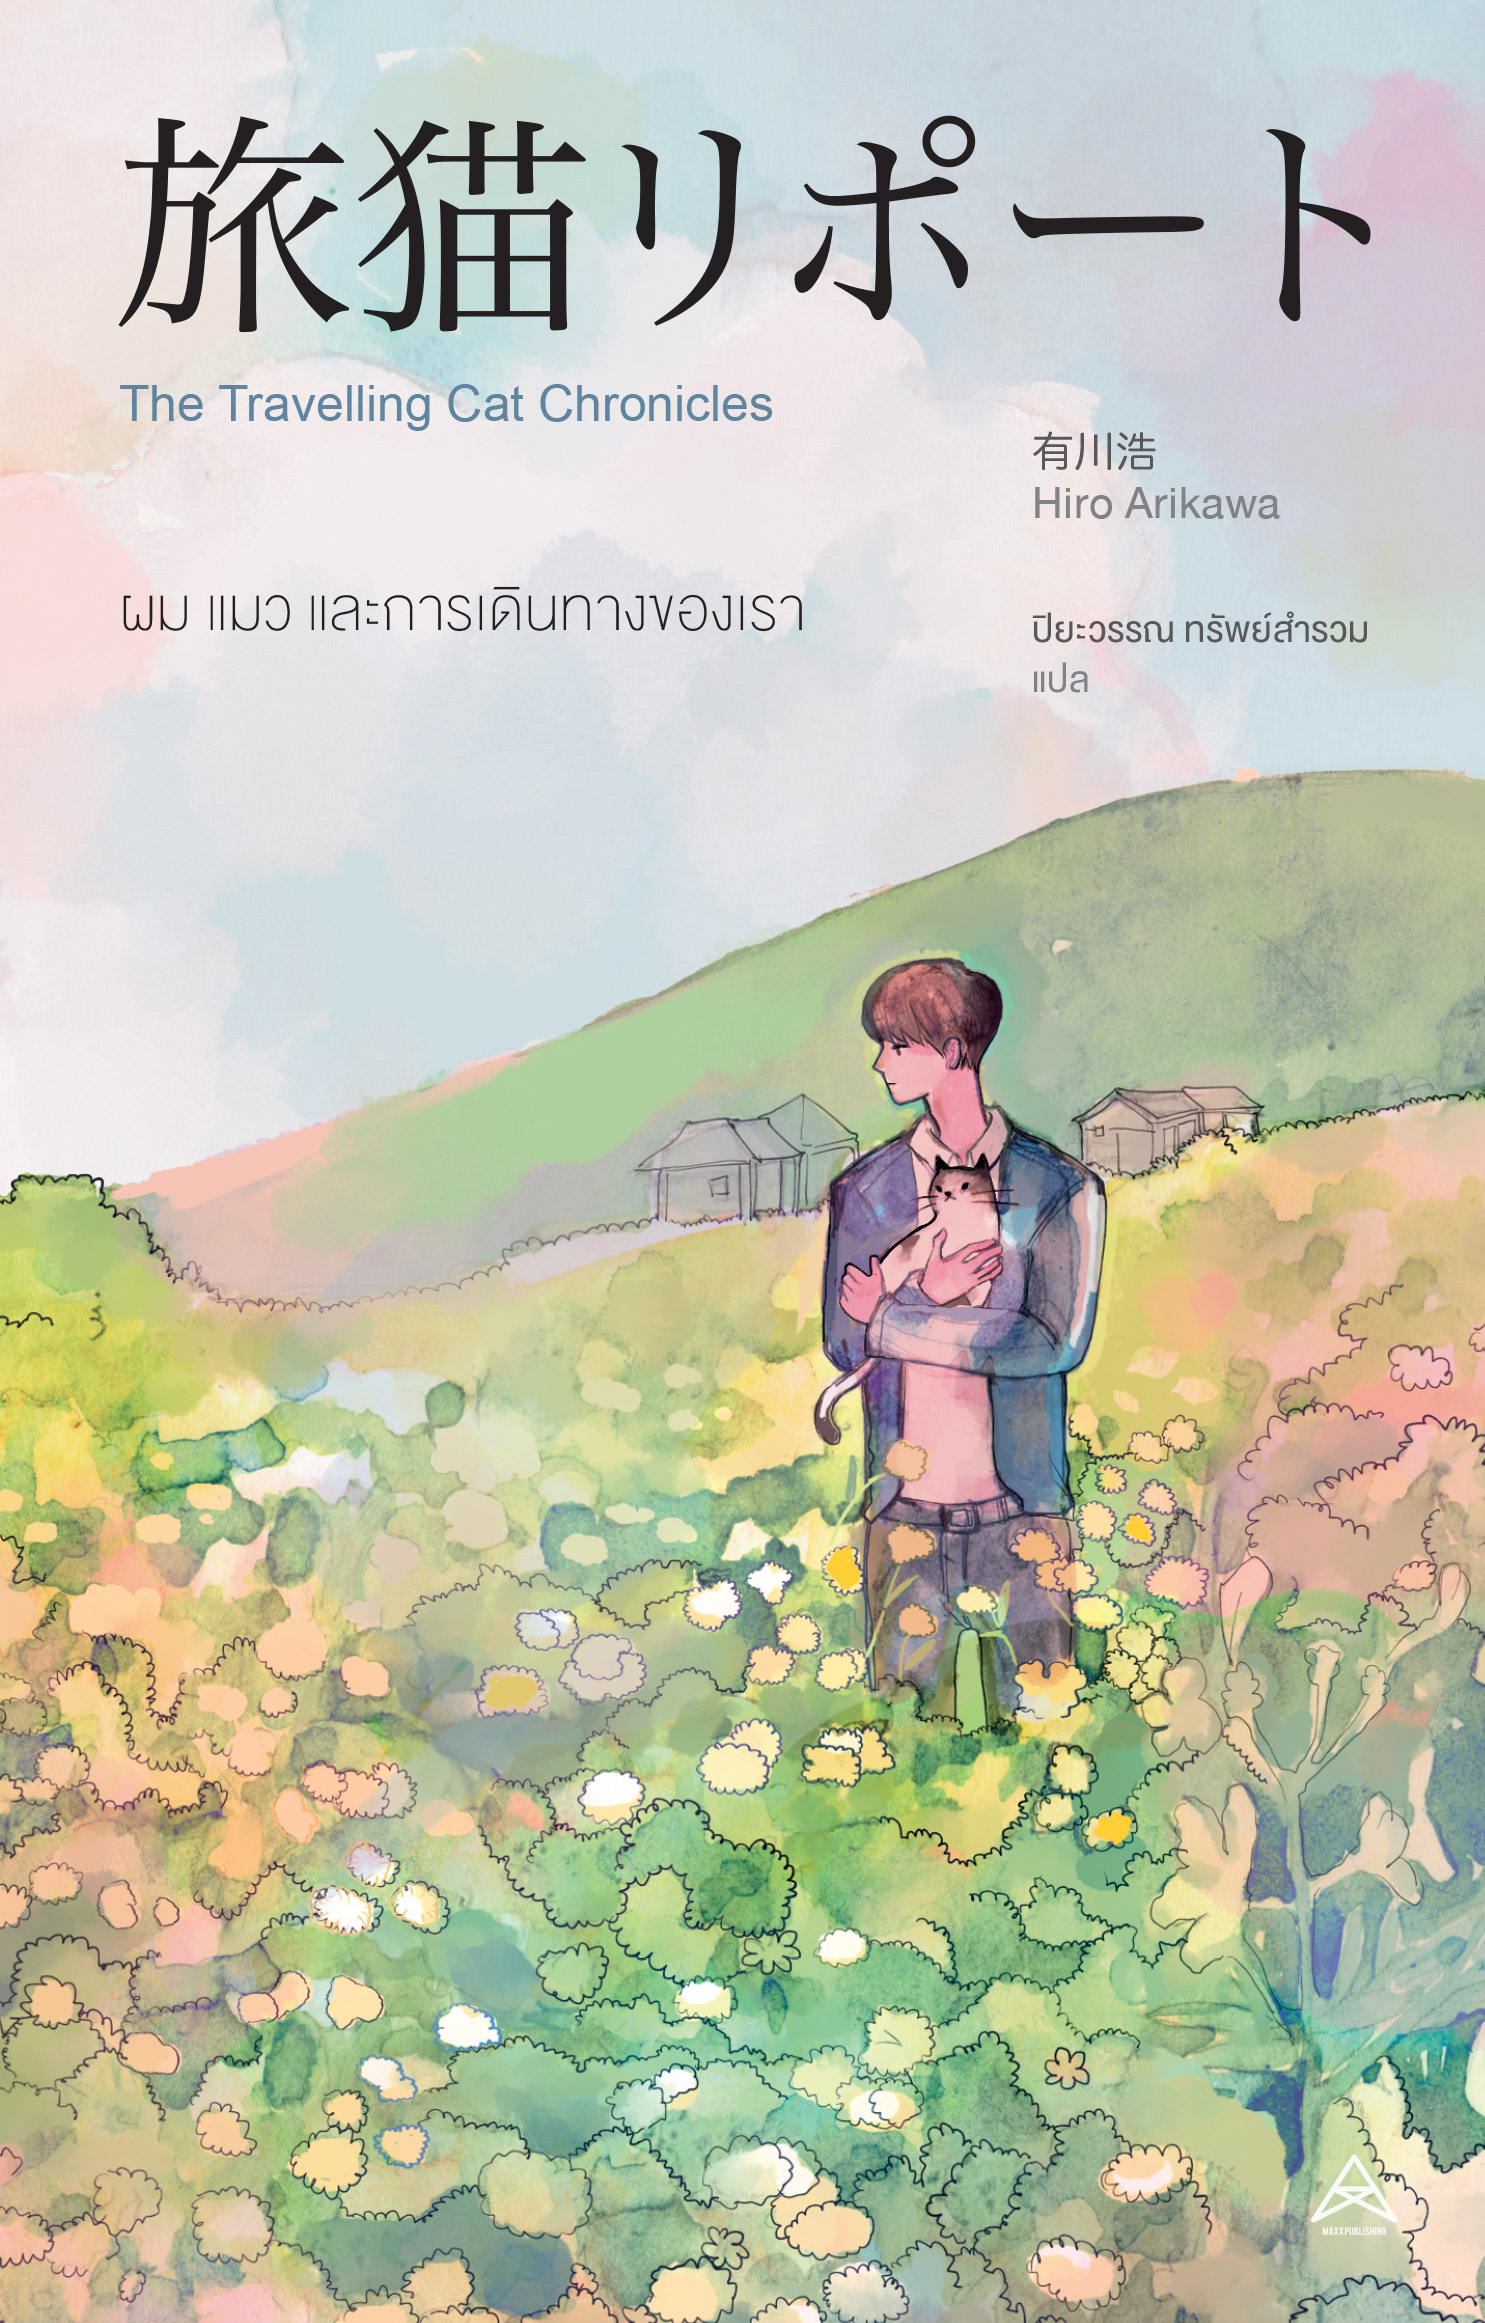 หนังสือแปล นำเสนอการผจญภัย ของสองชีวิต